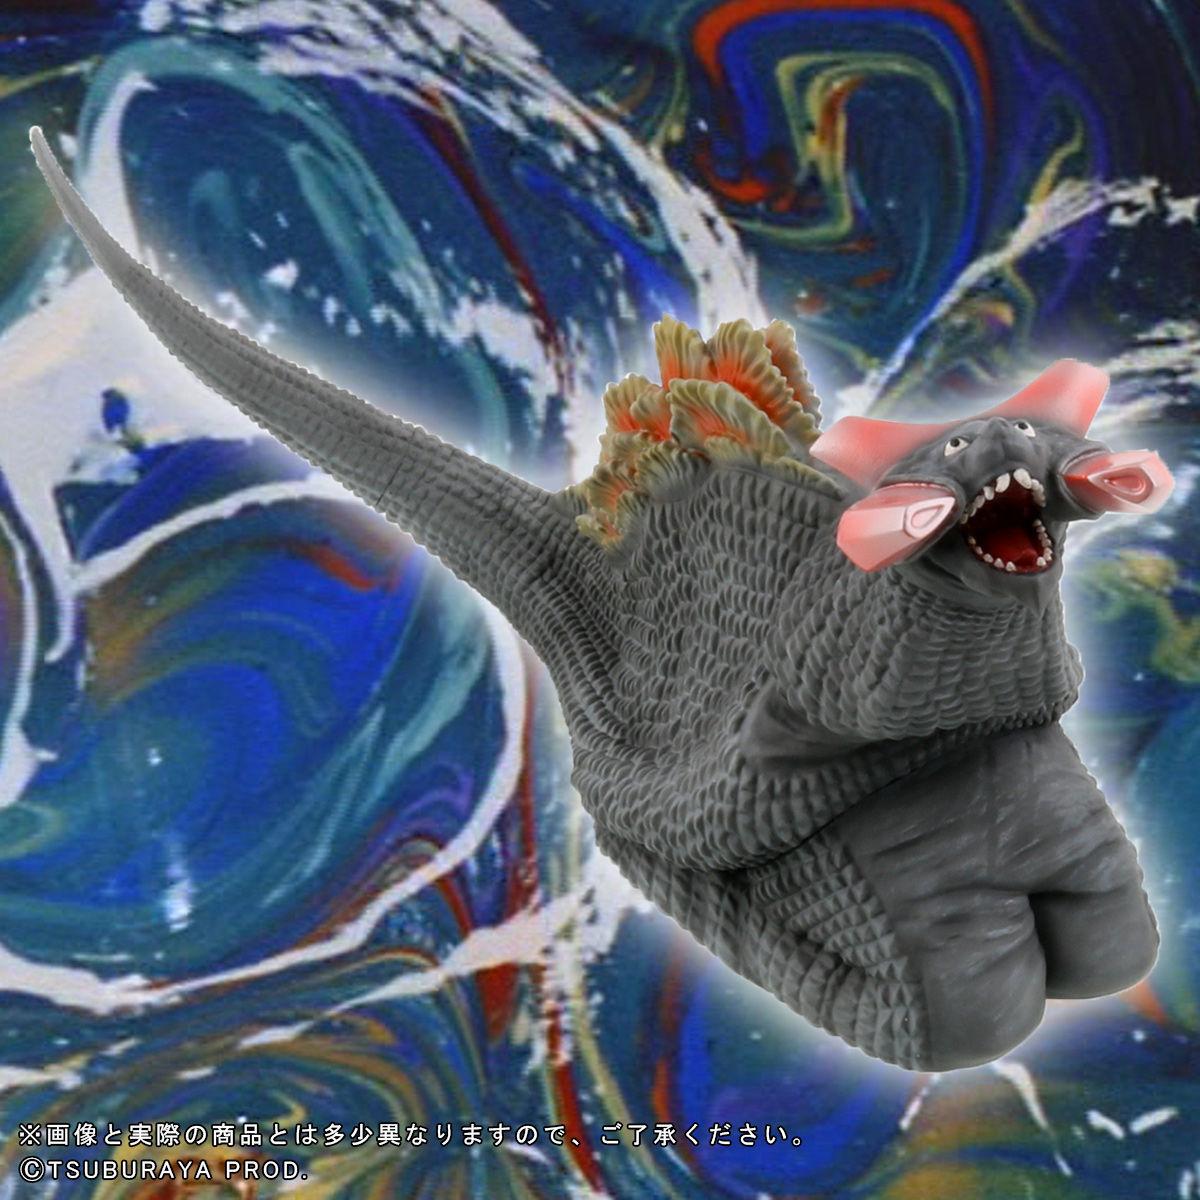 【限定販売】ウルトラ大怪獣シリーズ5000『ビーコン/ギラドラス』完成品フィギュア-006